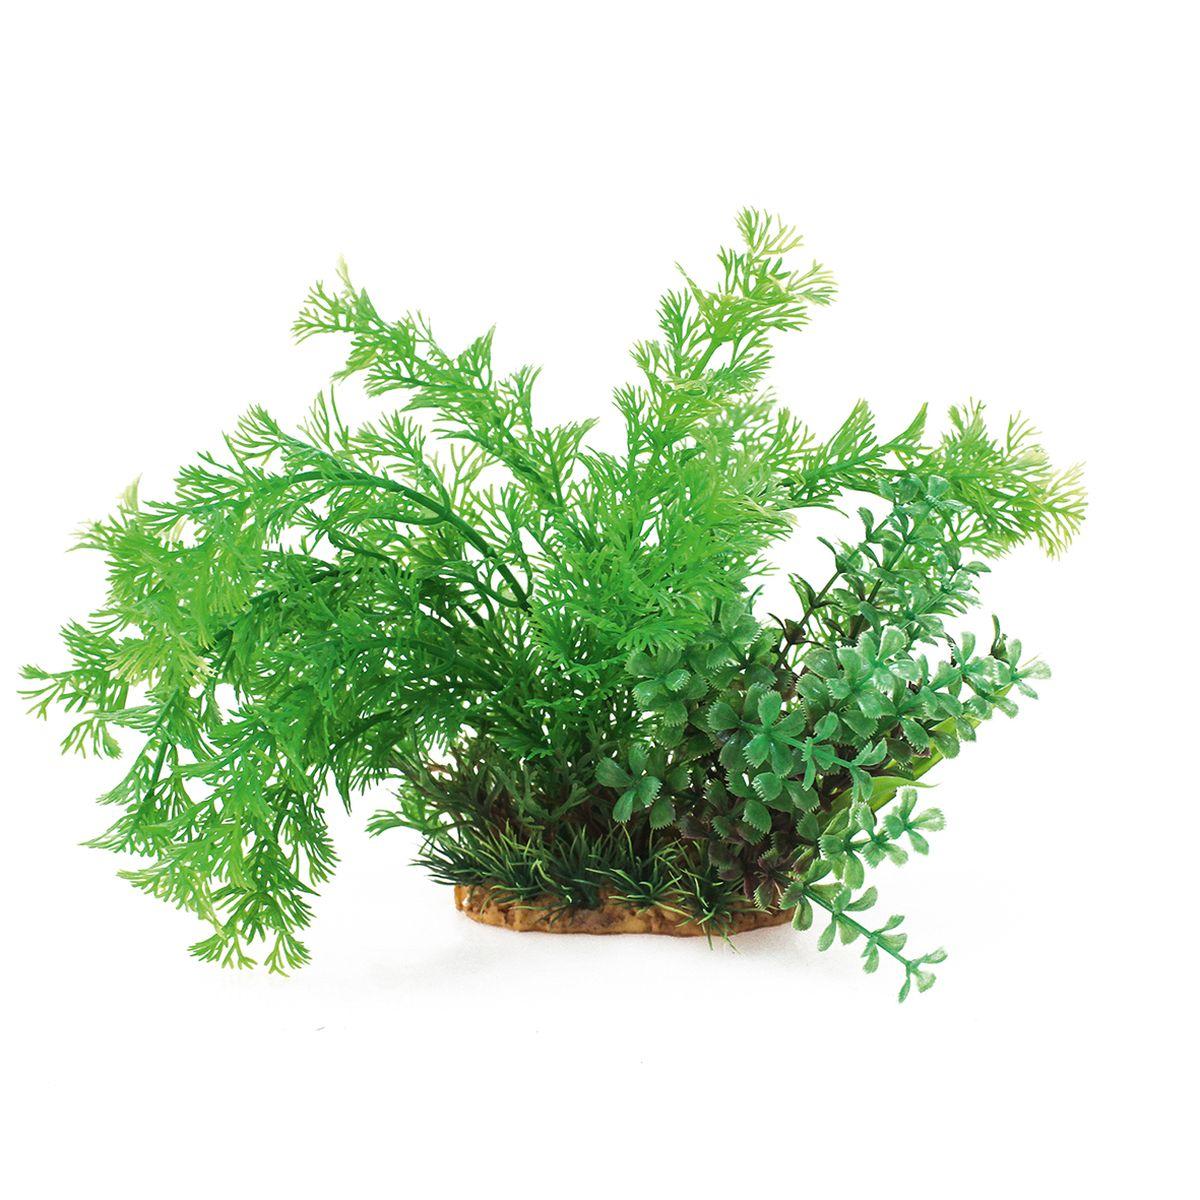 Растение для аквариума ArtUniq Кабомба, высота 20 смART-1160207Растение для аквариума ArtUniq Кабомба, высота 20 см